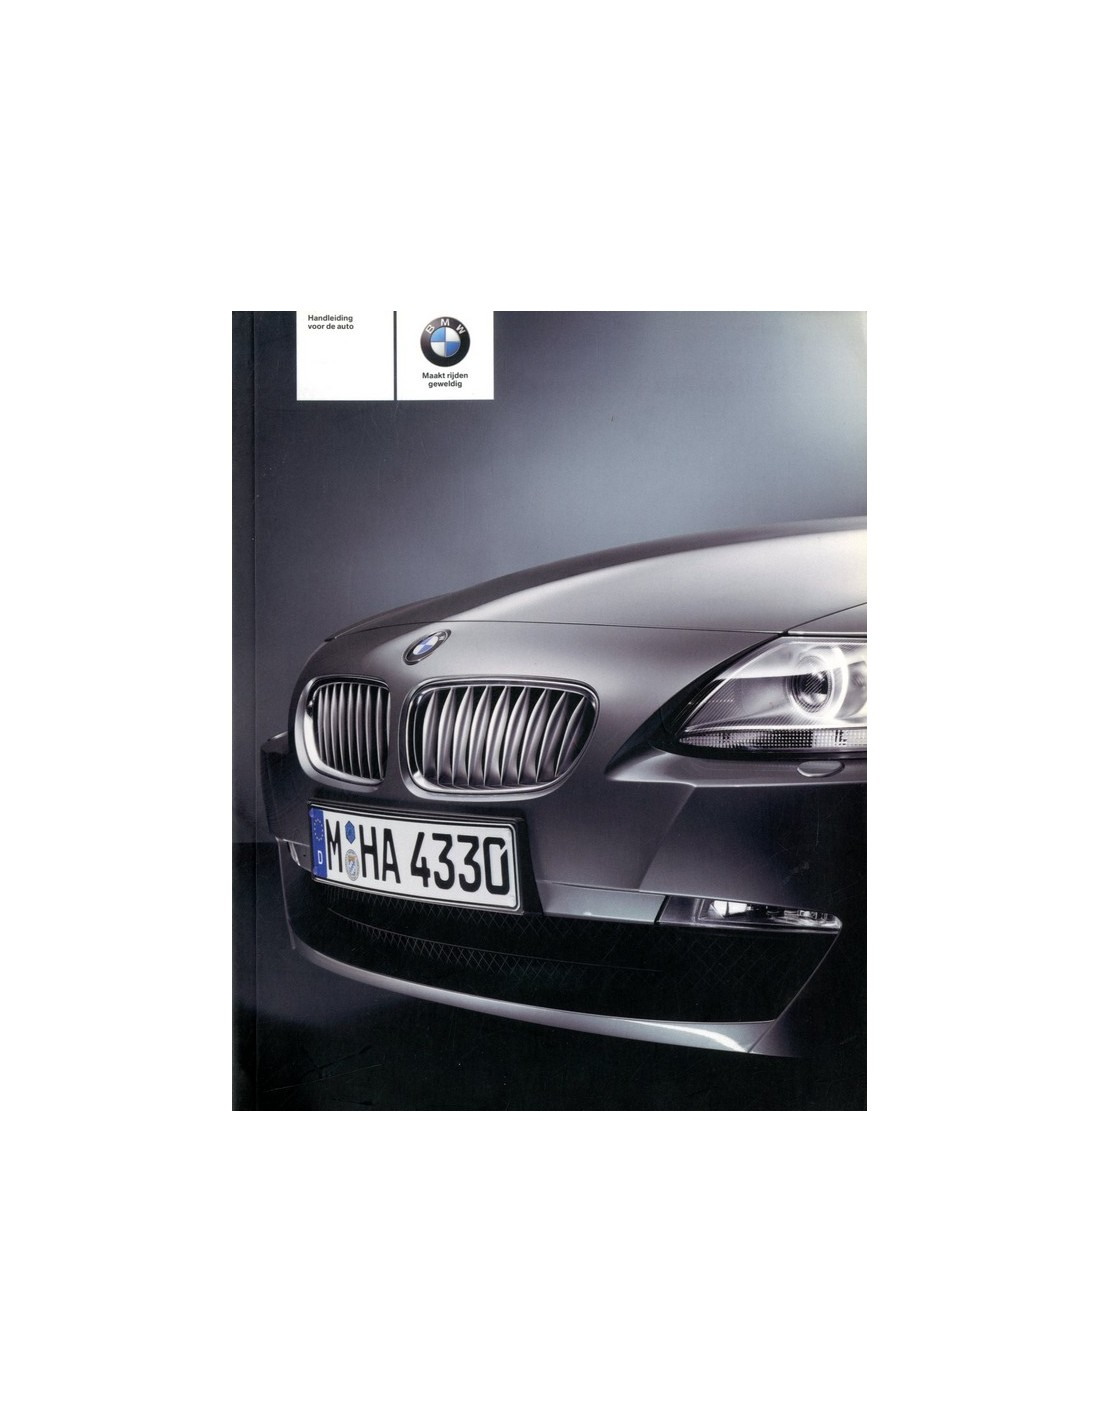 Bmw Z4 Blog: 2006 BMW Z4 BETRIEBSANLEITUNG NIEDERLÄNDISCH